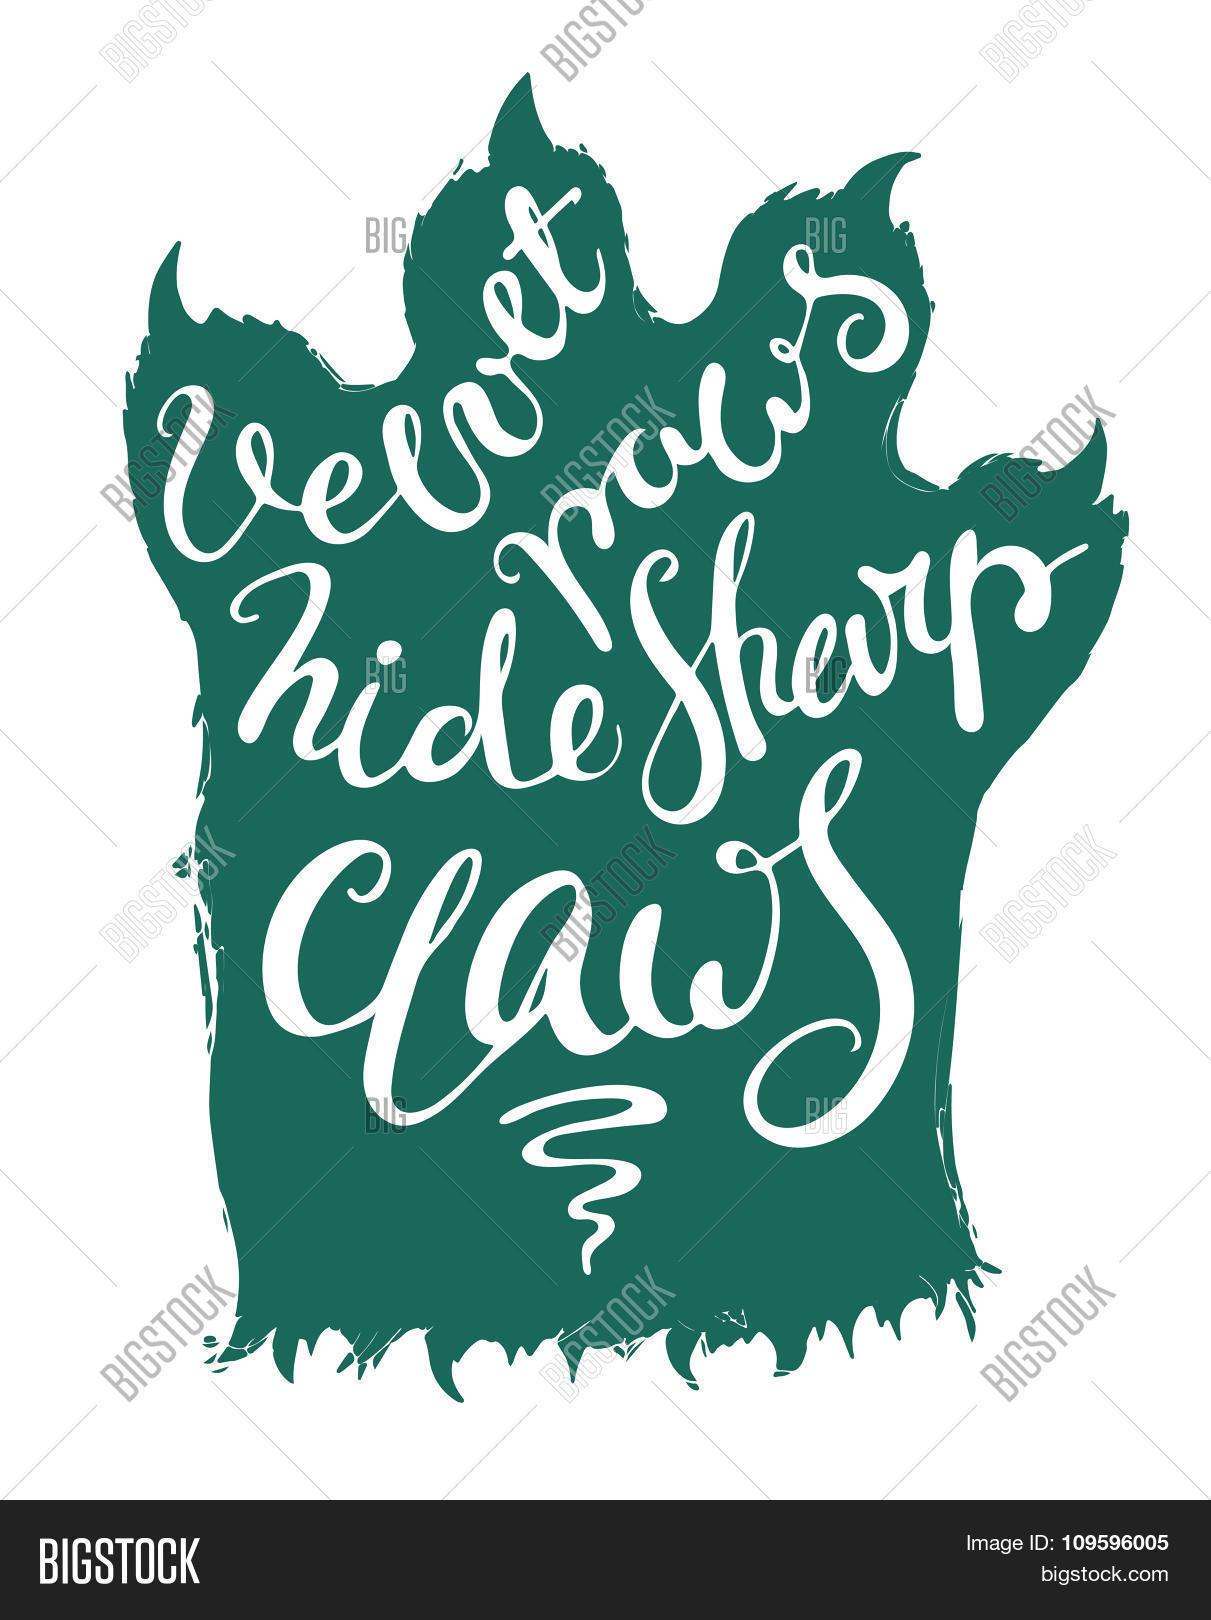 Lettering velvet paws hide sharp claws. Stock Vector & Stock.